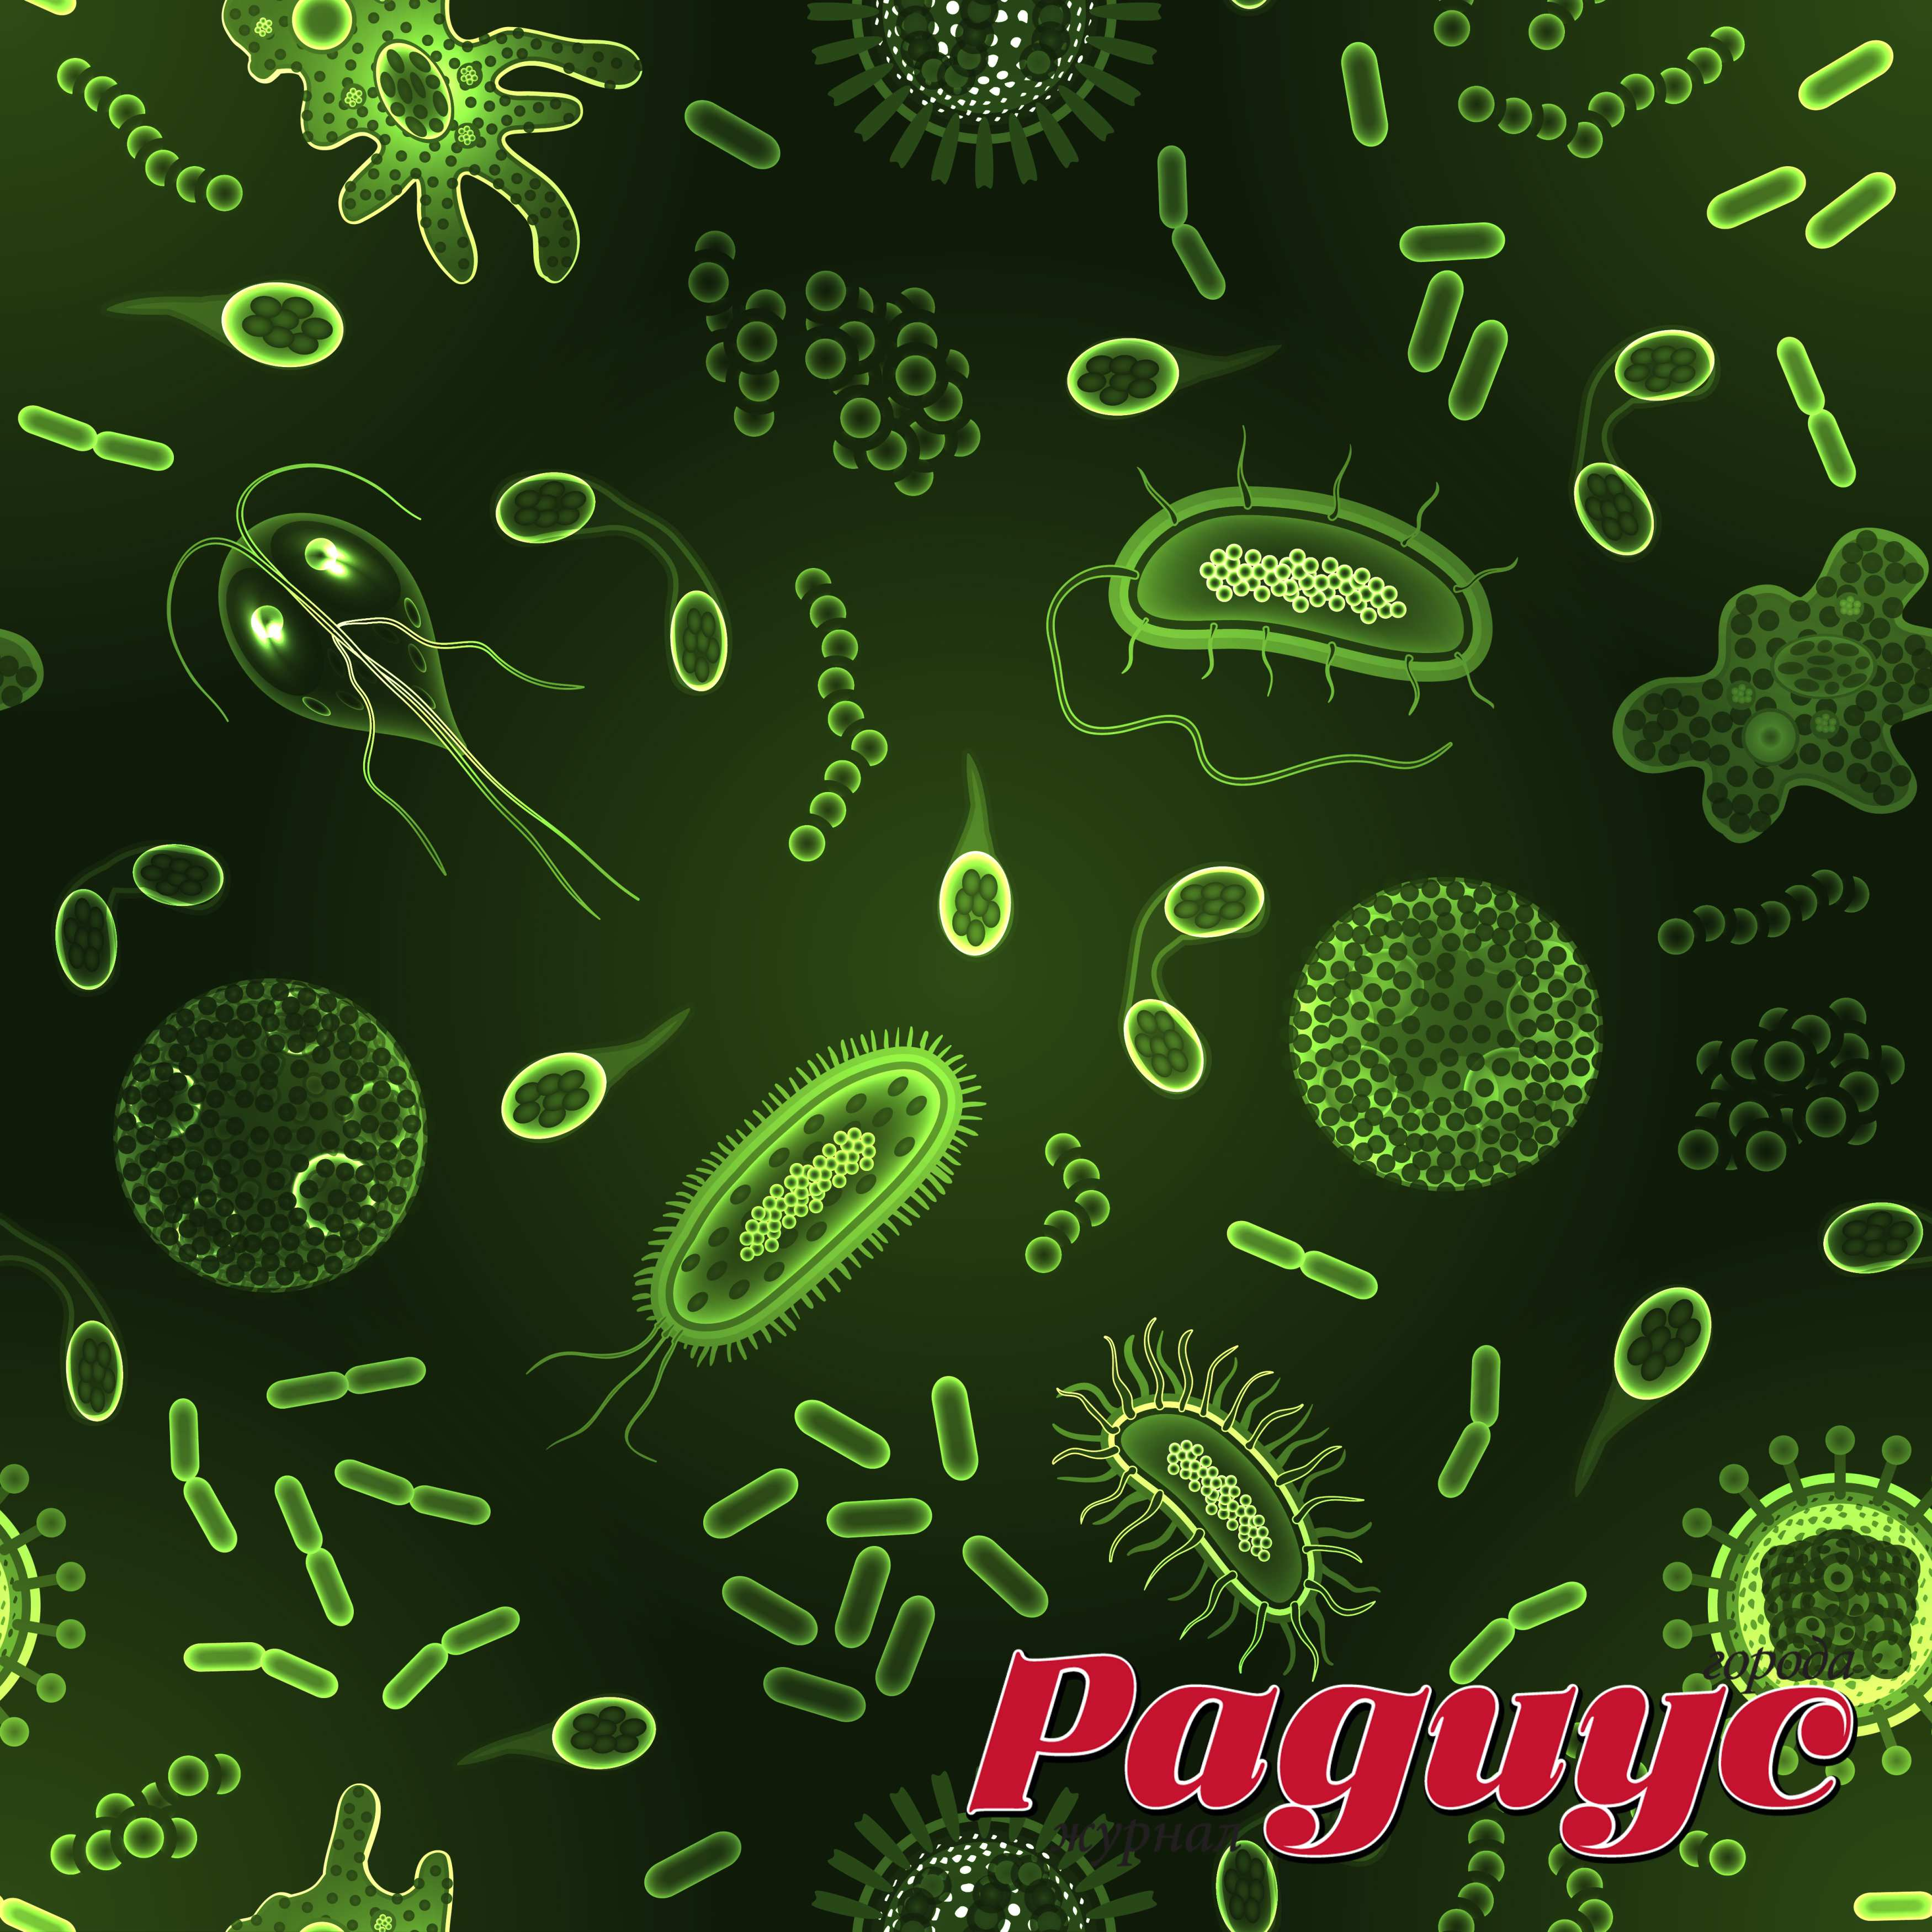 полезные бактерии в организме человека